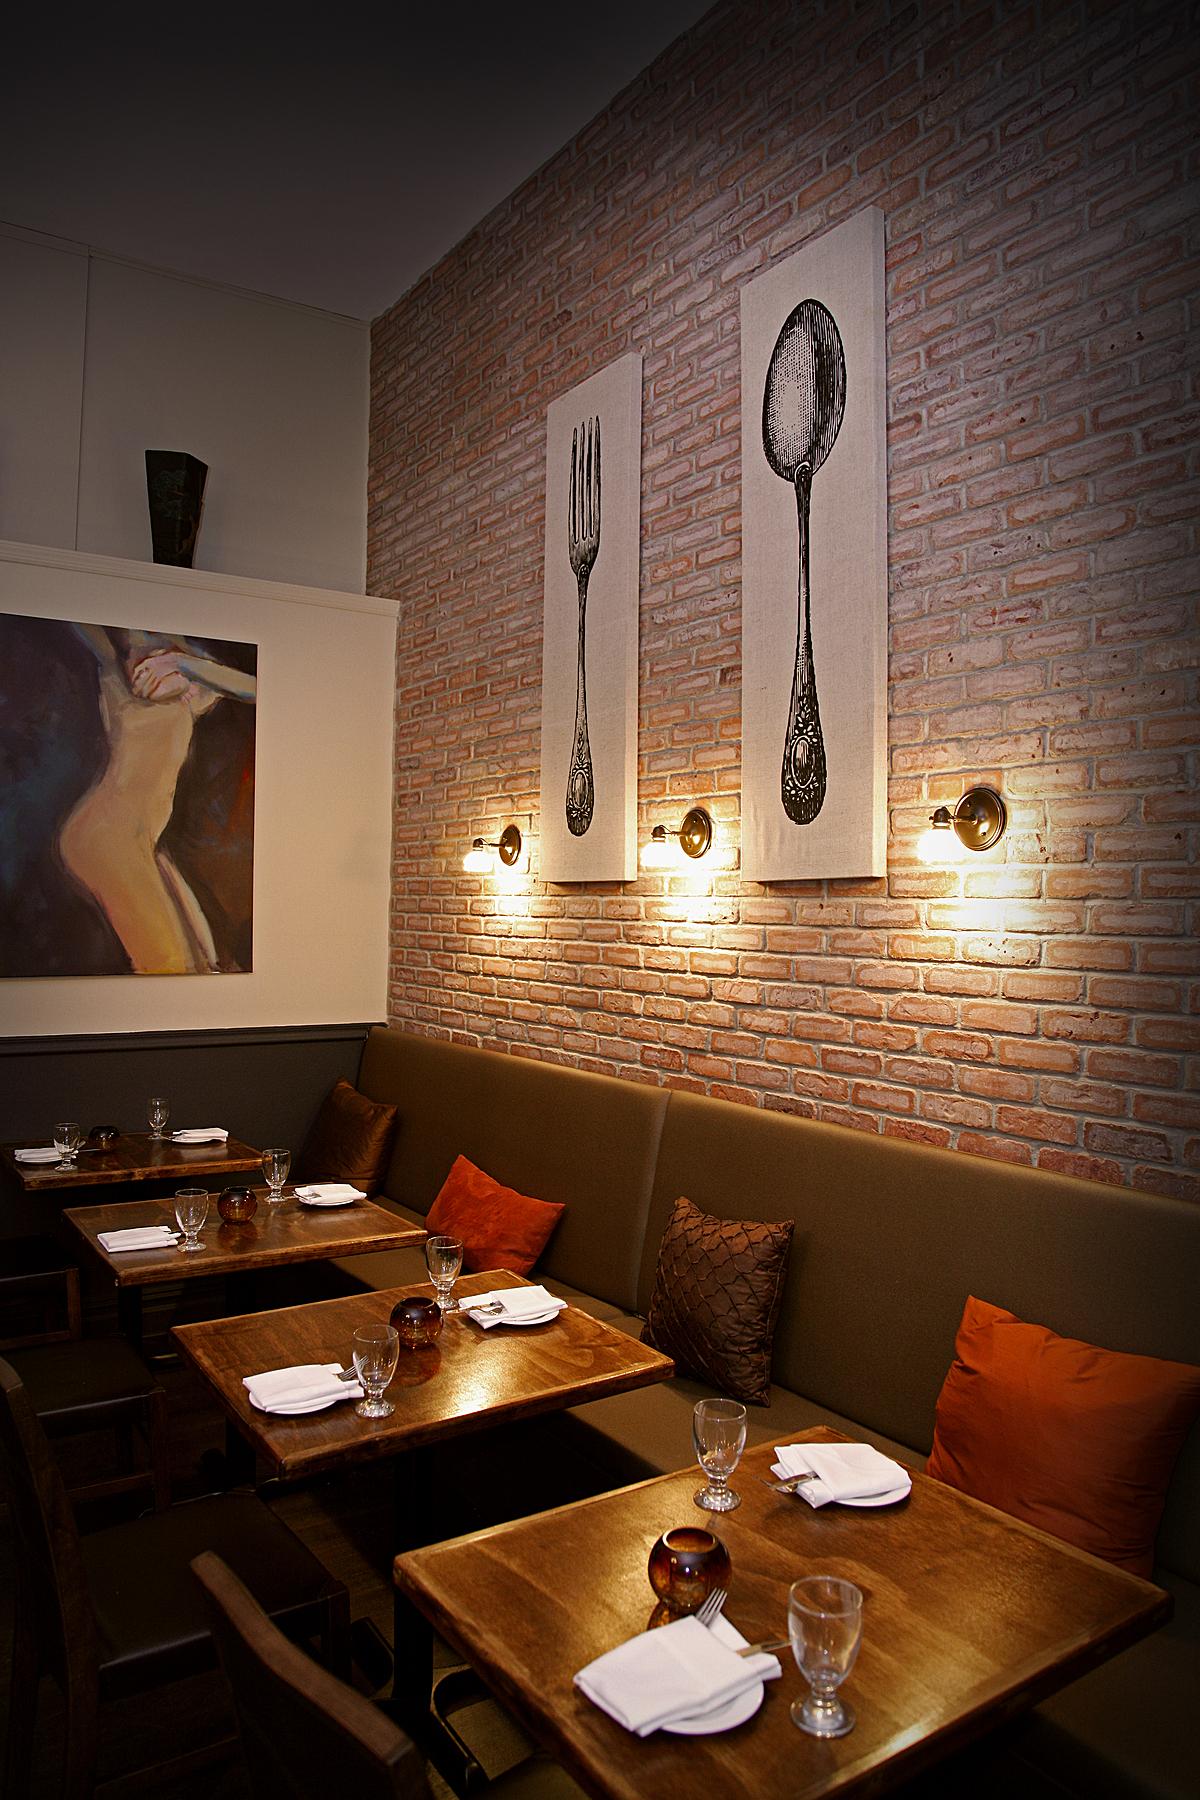 Bar Room Banquette